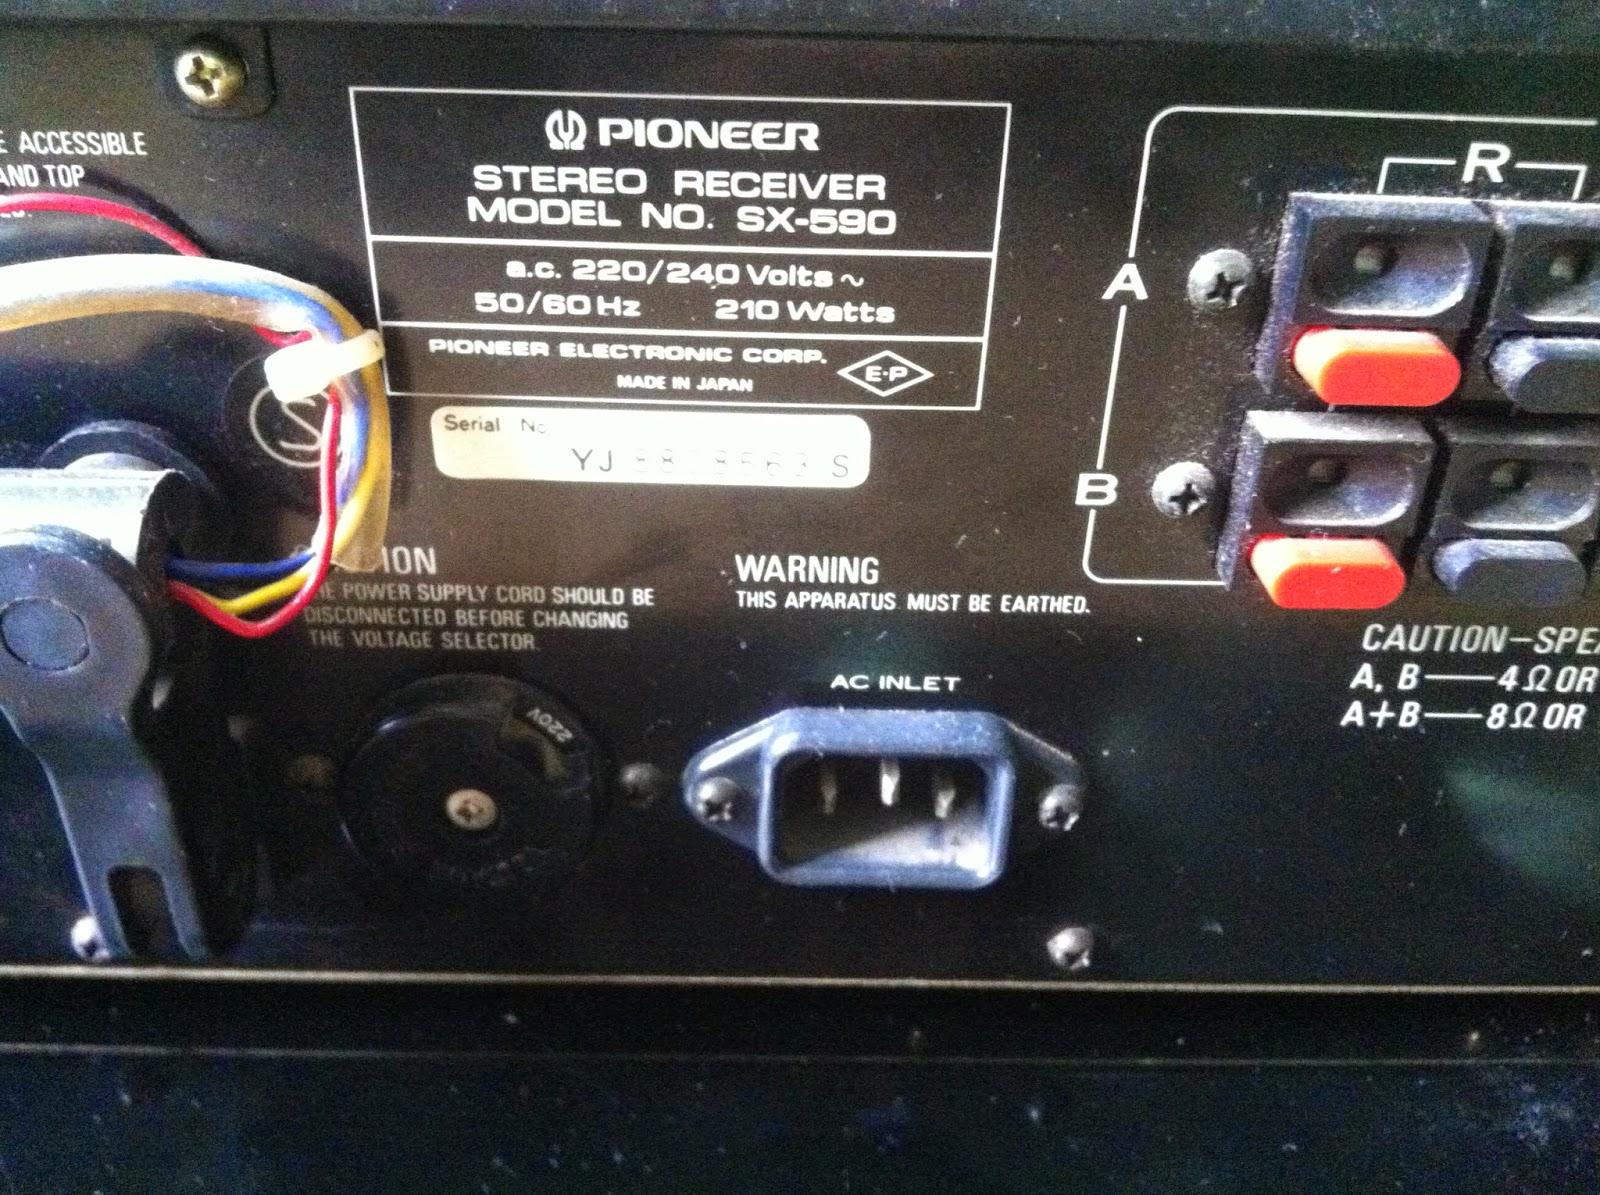 Cận cảnh phần sau Amply SX-590